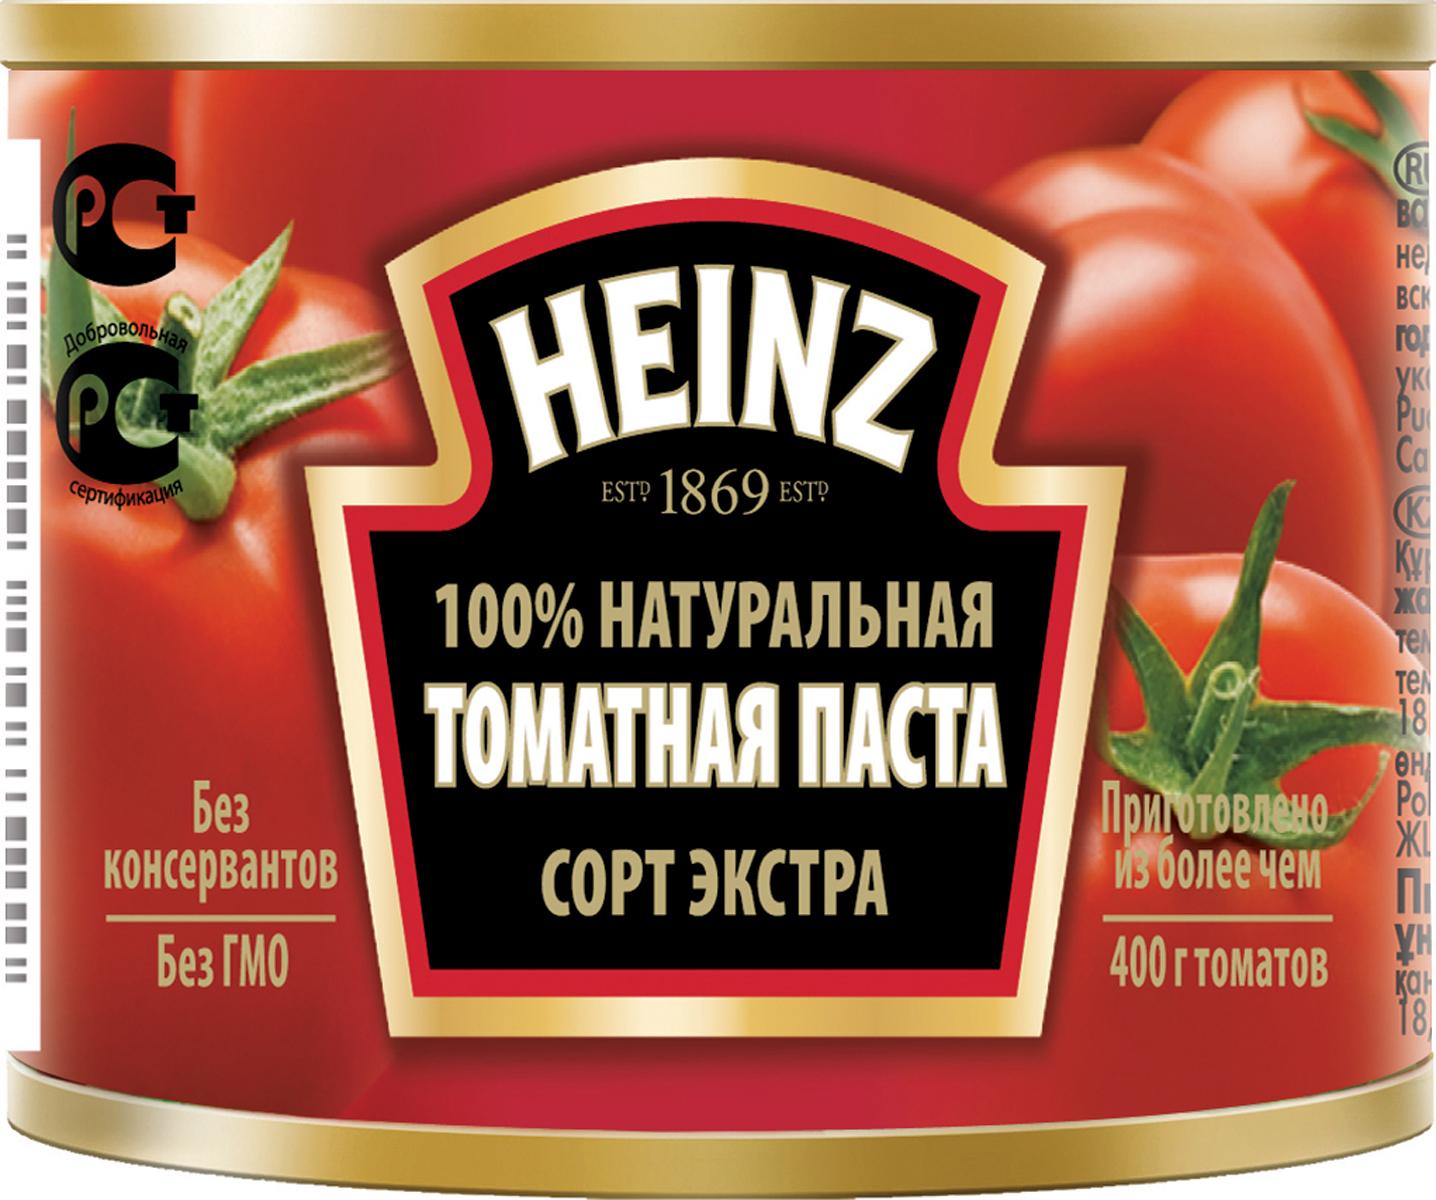 Heinz томатная паста, 70 г74000386Томатная паста Heinz сорта экстра изготовлена только из спелых помидоров, выращенных с особой заботой и любовью. Поставляется в жестяной банке 70 гр.